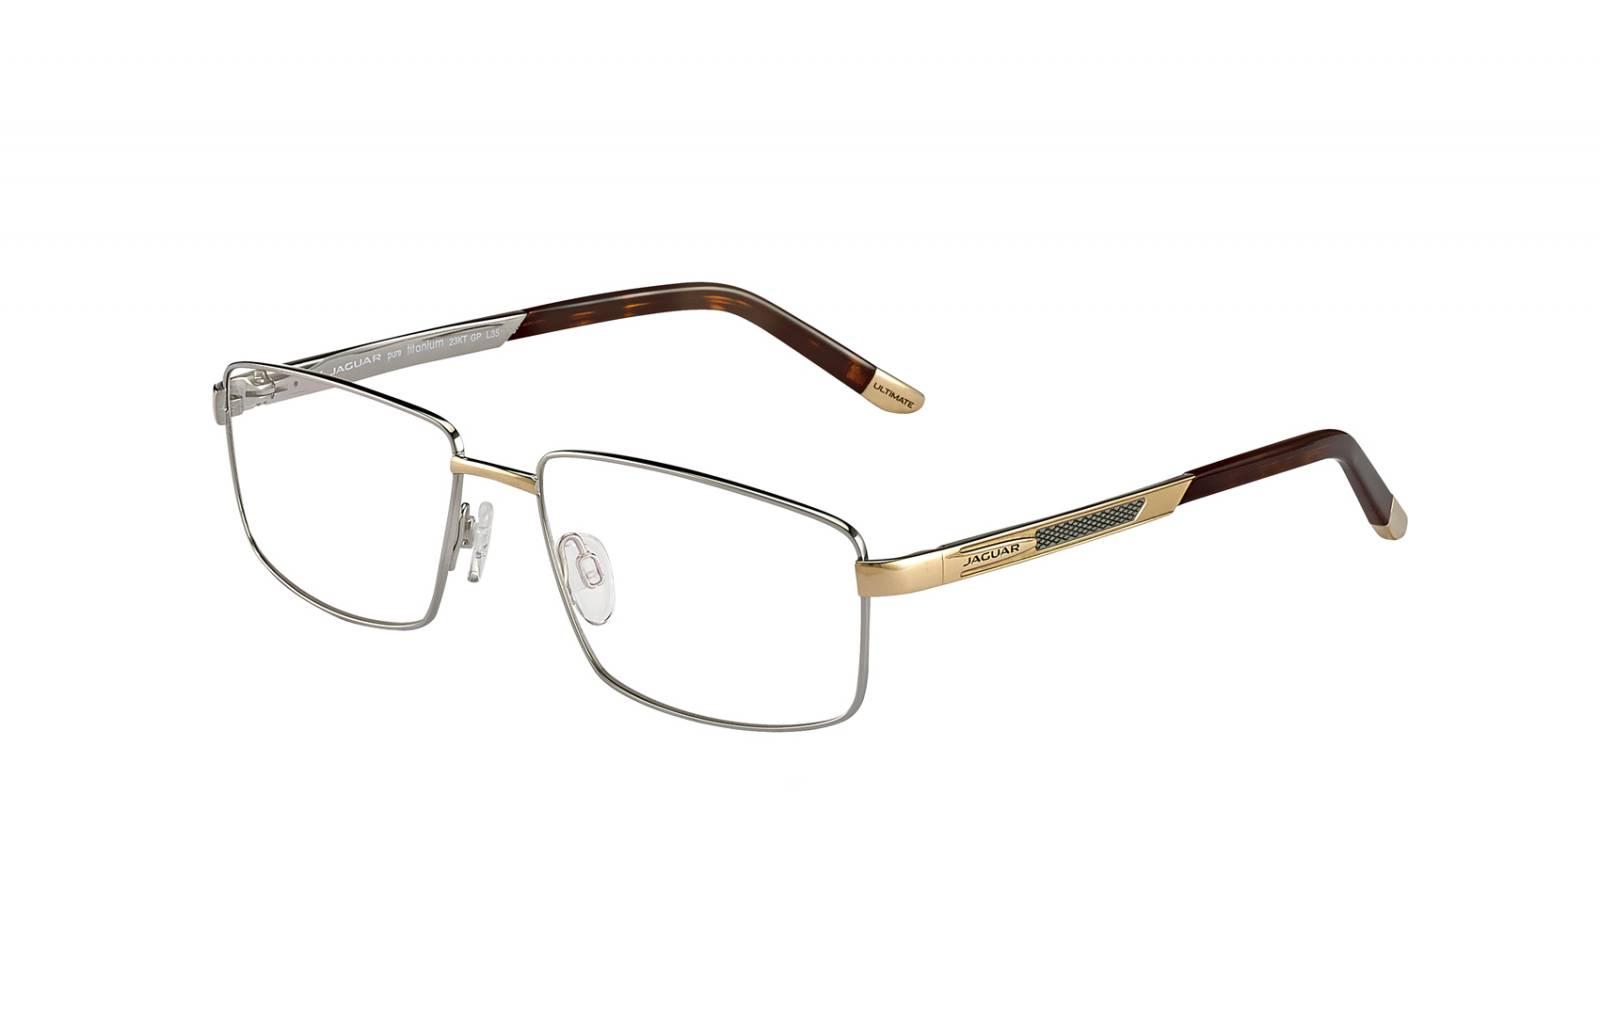 b11d7750b7633 Acheter des lunettes Jaguar au Havre 76 - Opticien pour l achat de ...